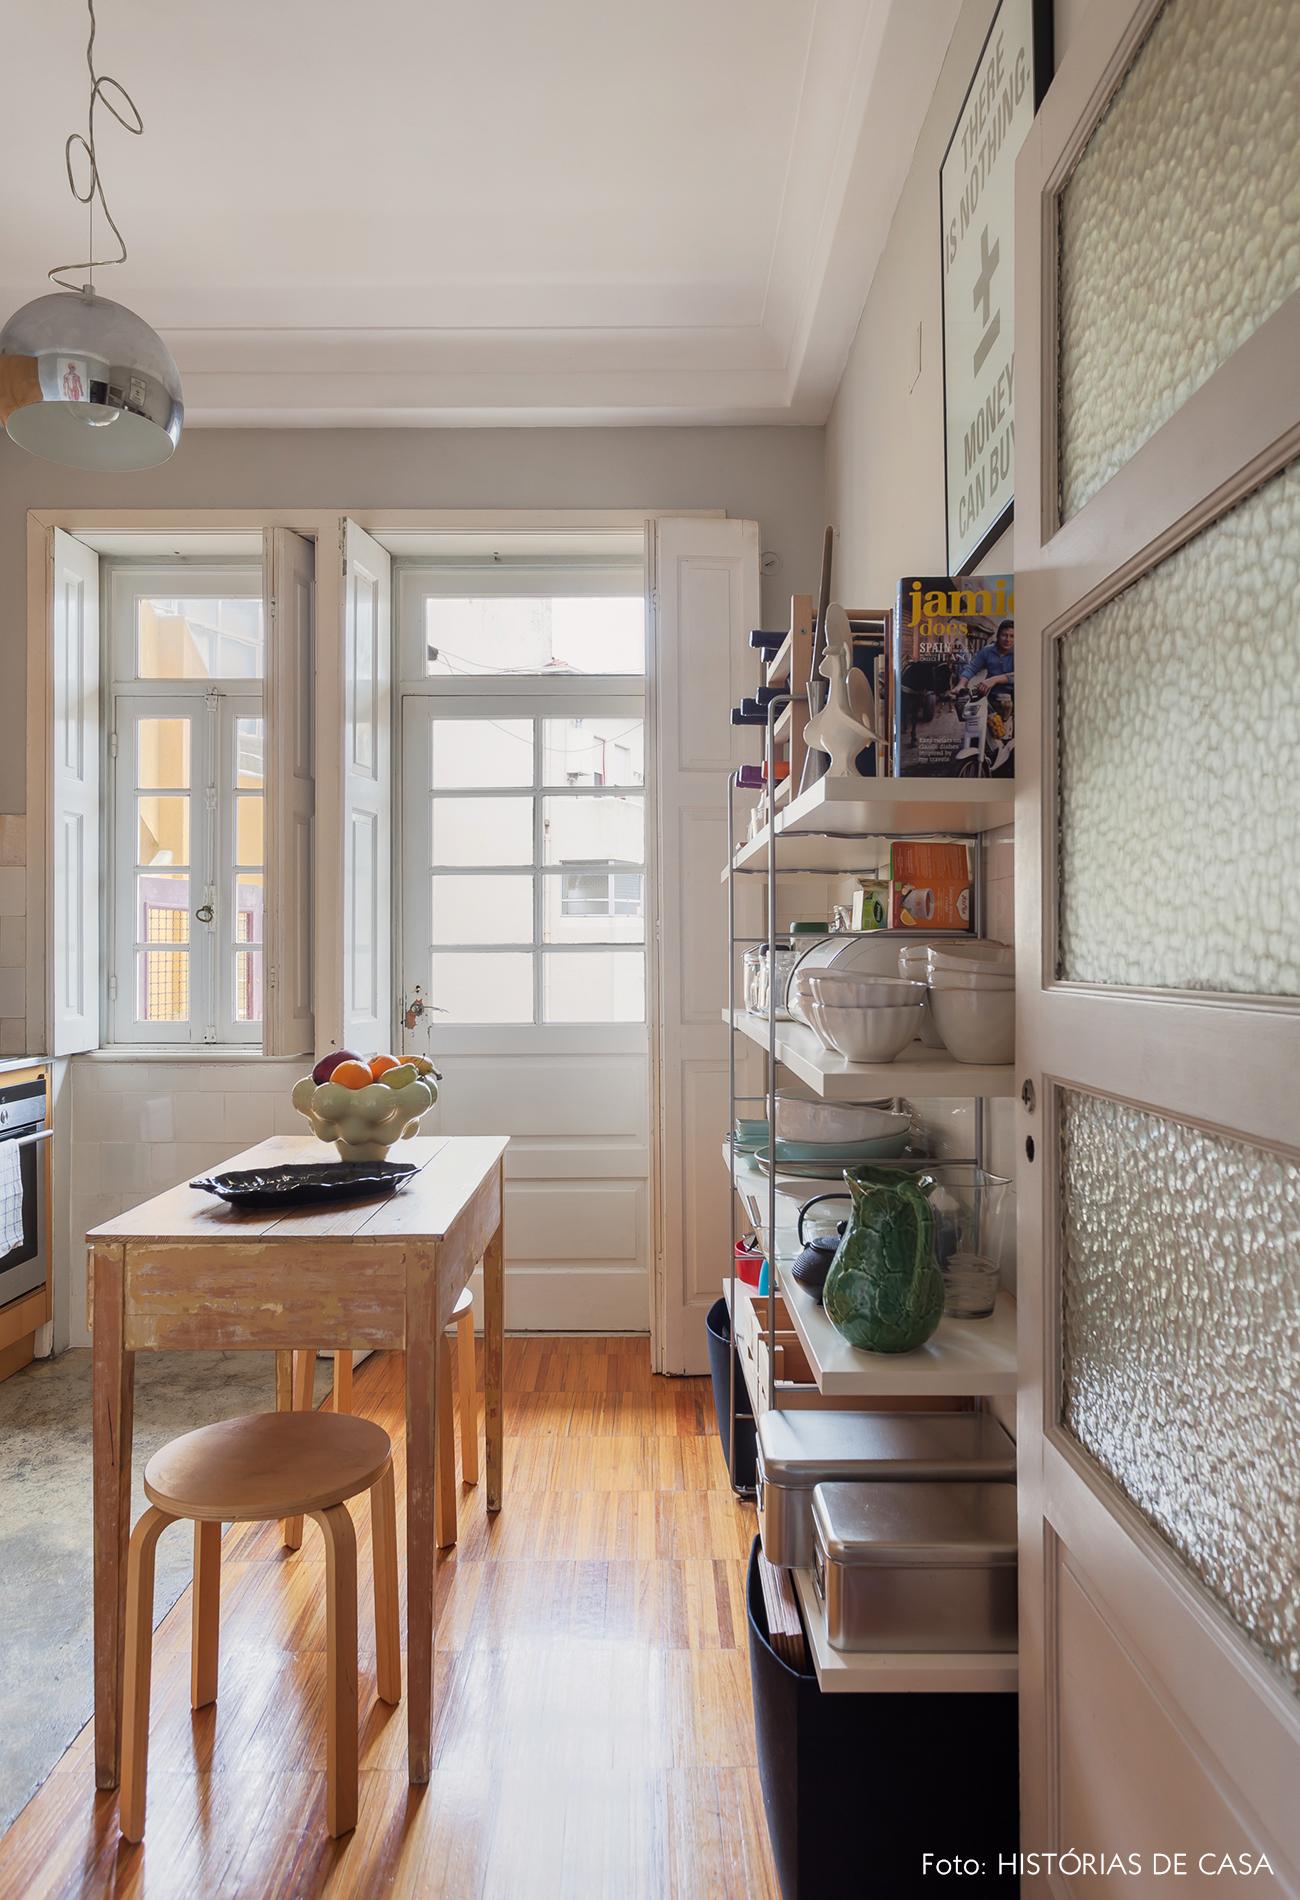 Cozinha reformada em apartamento antigo em Portugal